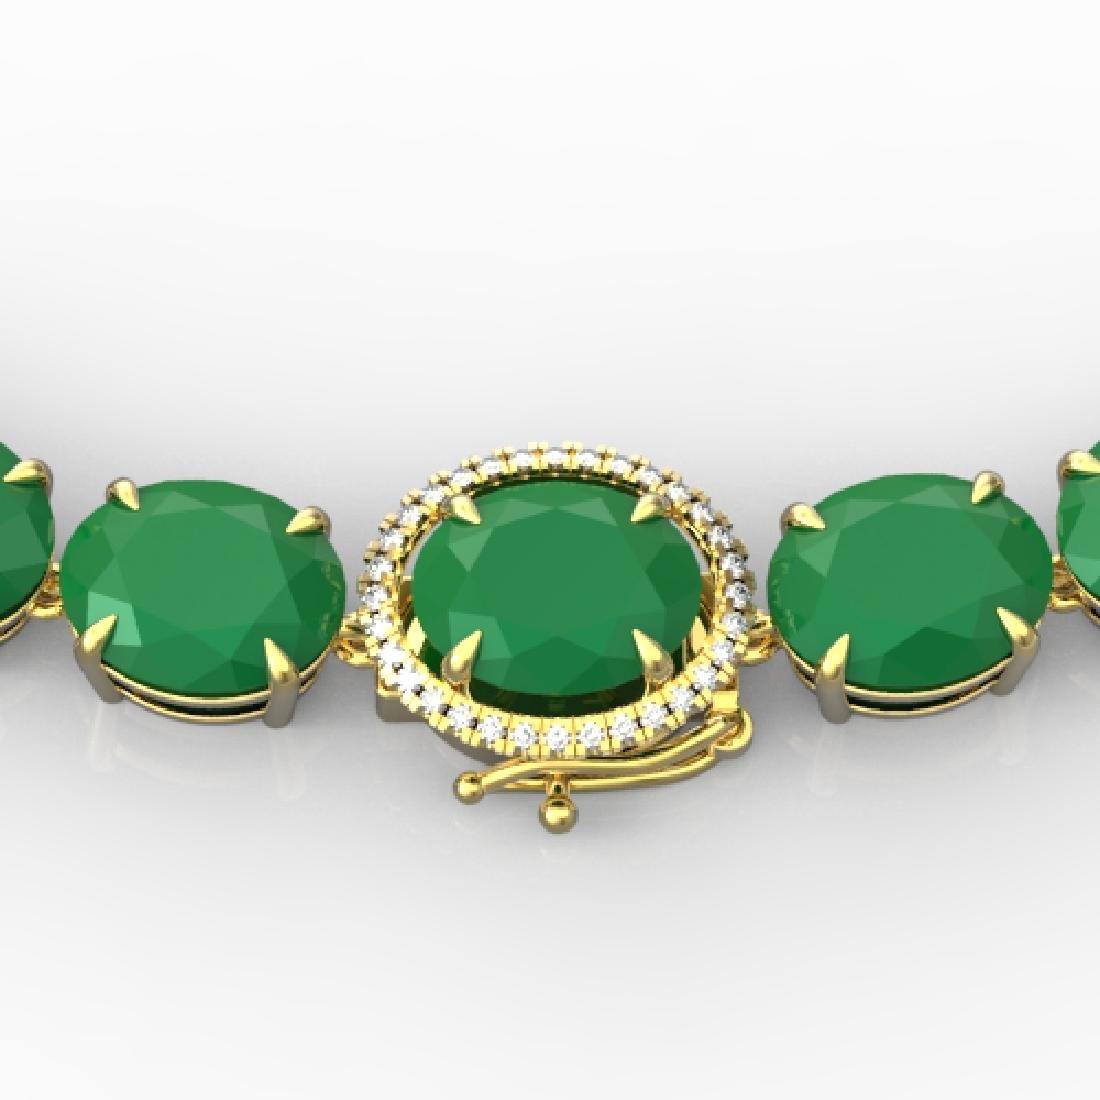 170 CTW Emerald & VS/SI Diamond Solitaire Necklace 14K